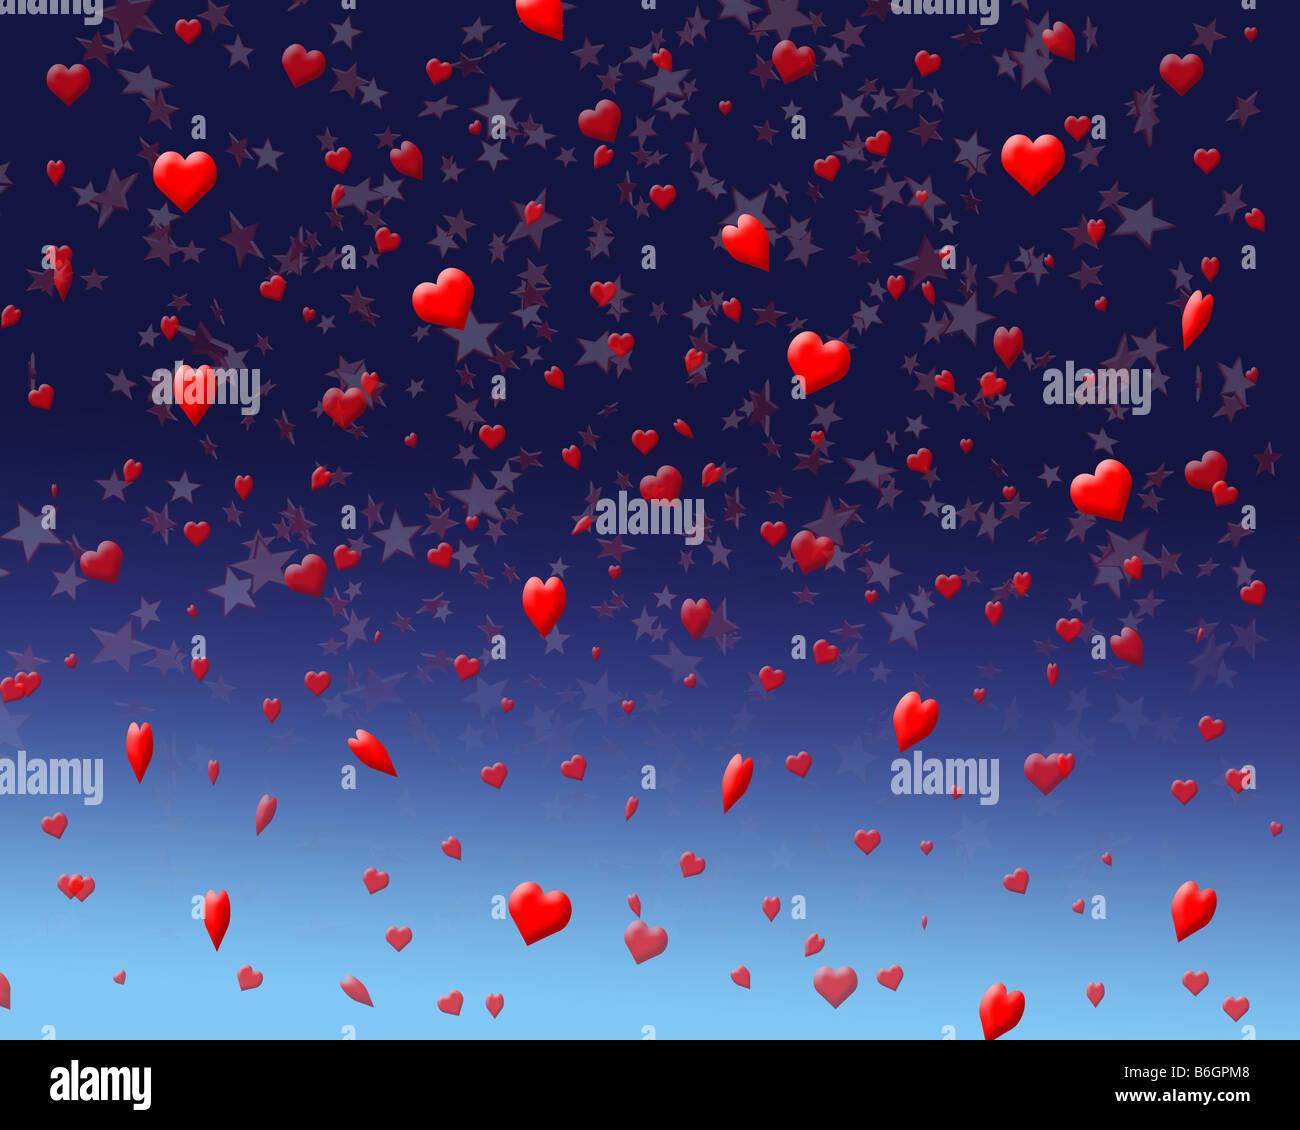 Illustrazione di una notte di festa con cuore e stella coriandoli Immagini Stock